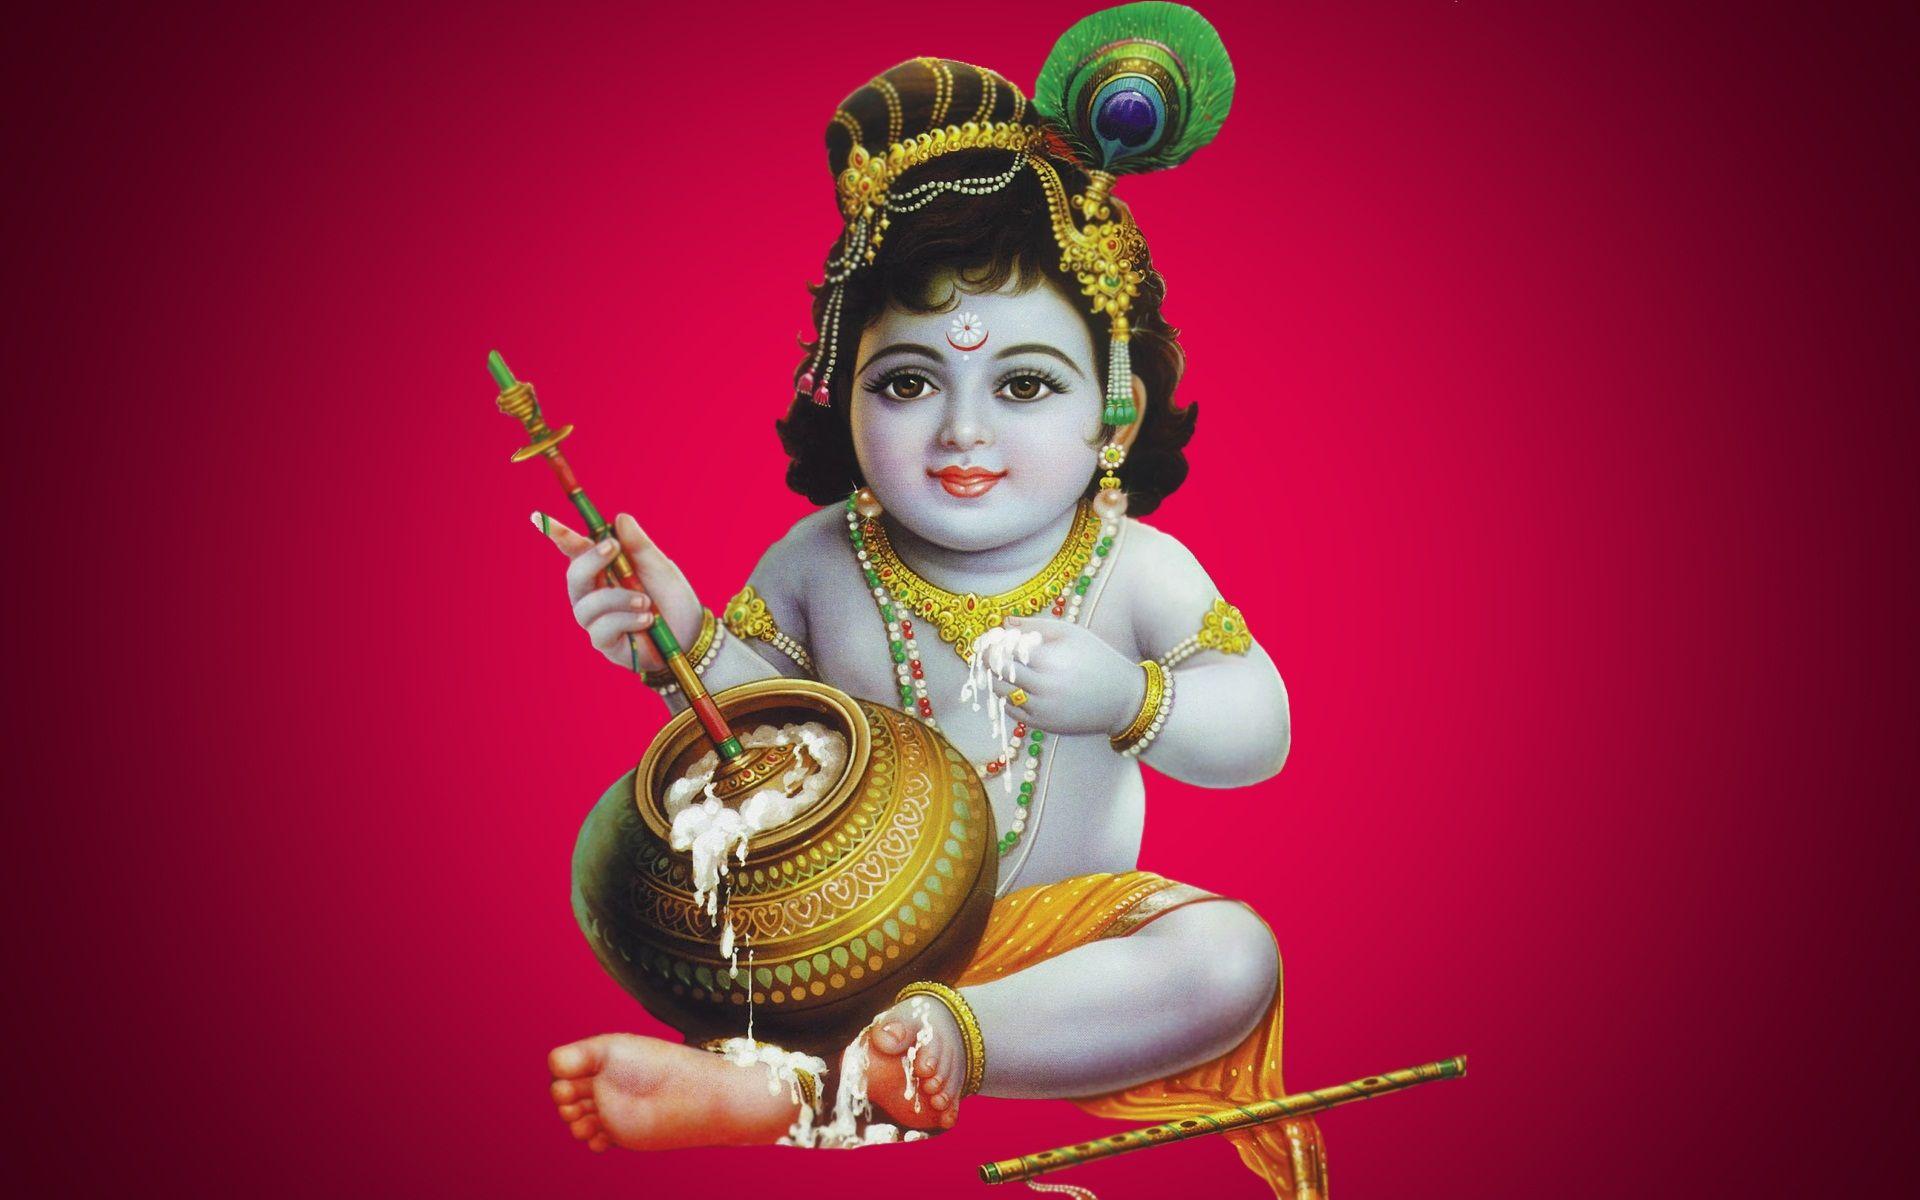 God Hd Wallpapers Baby Krishna Hd Wallpaper Krishna